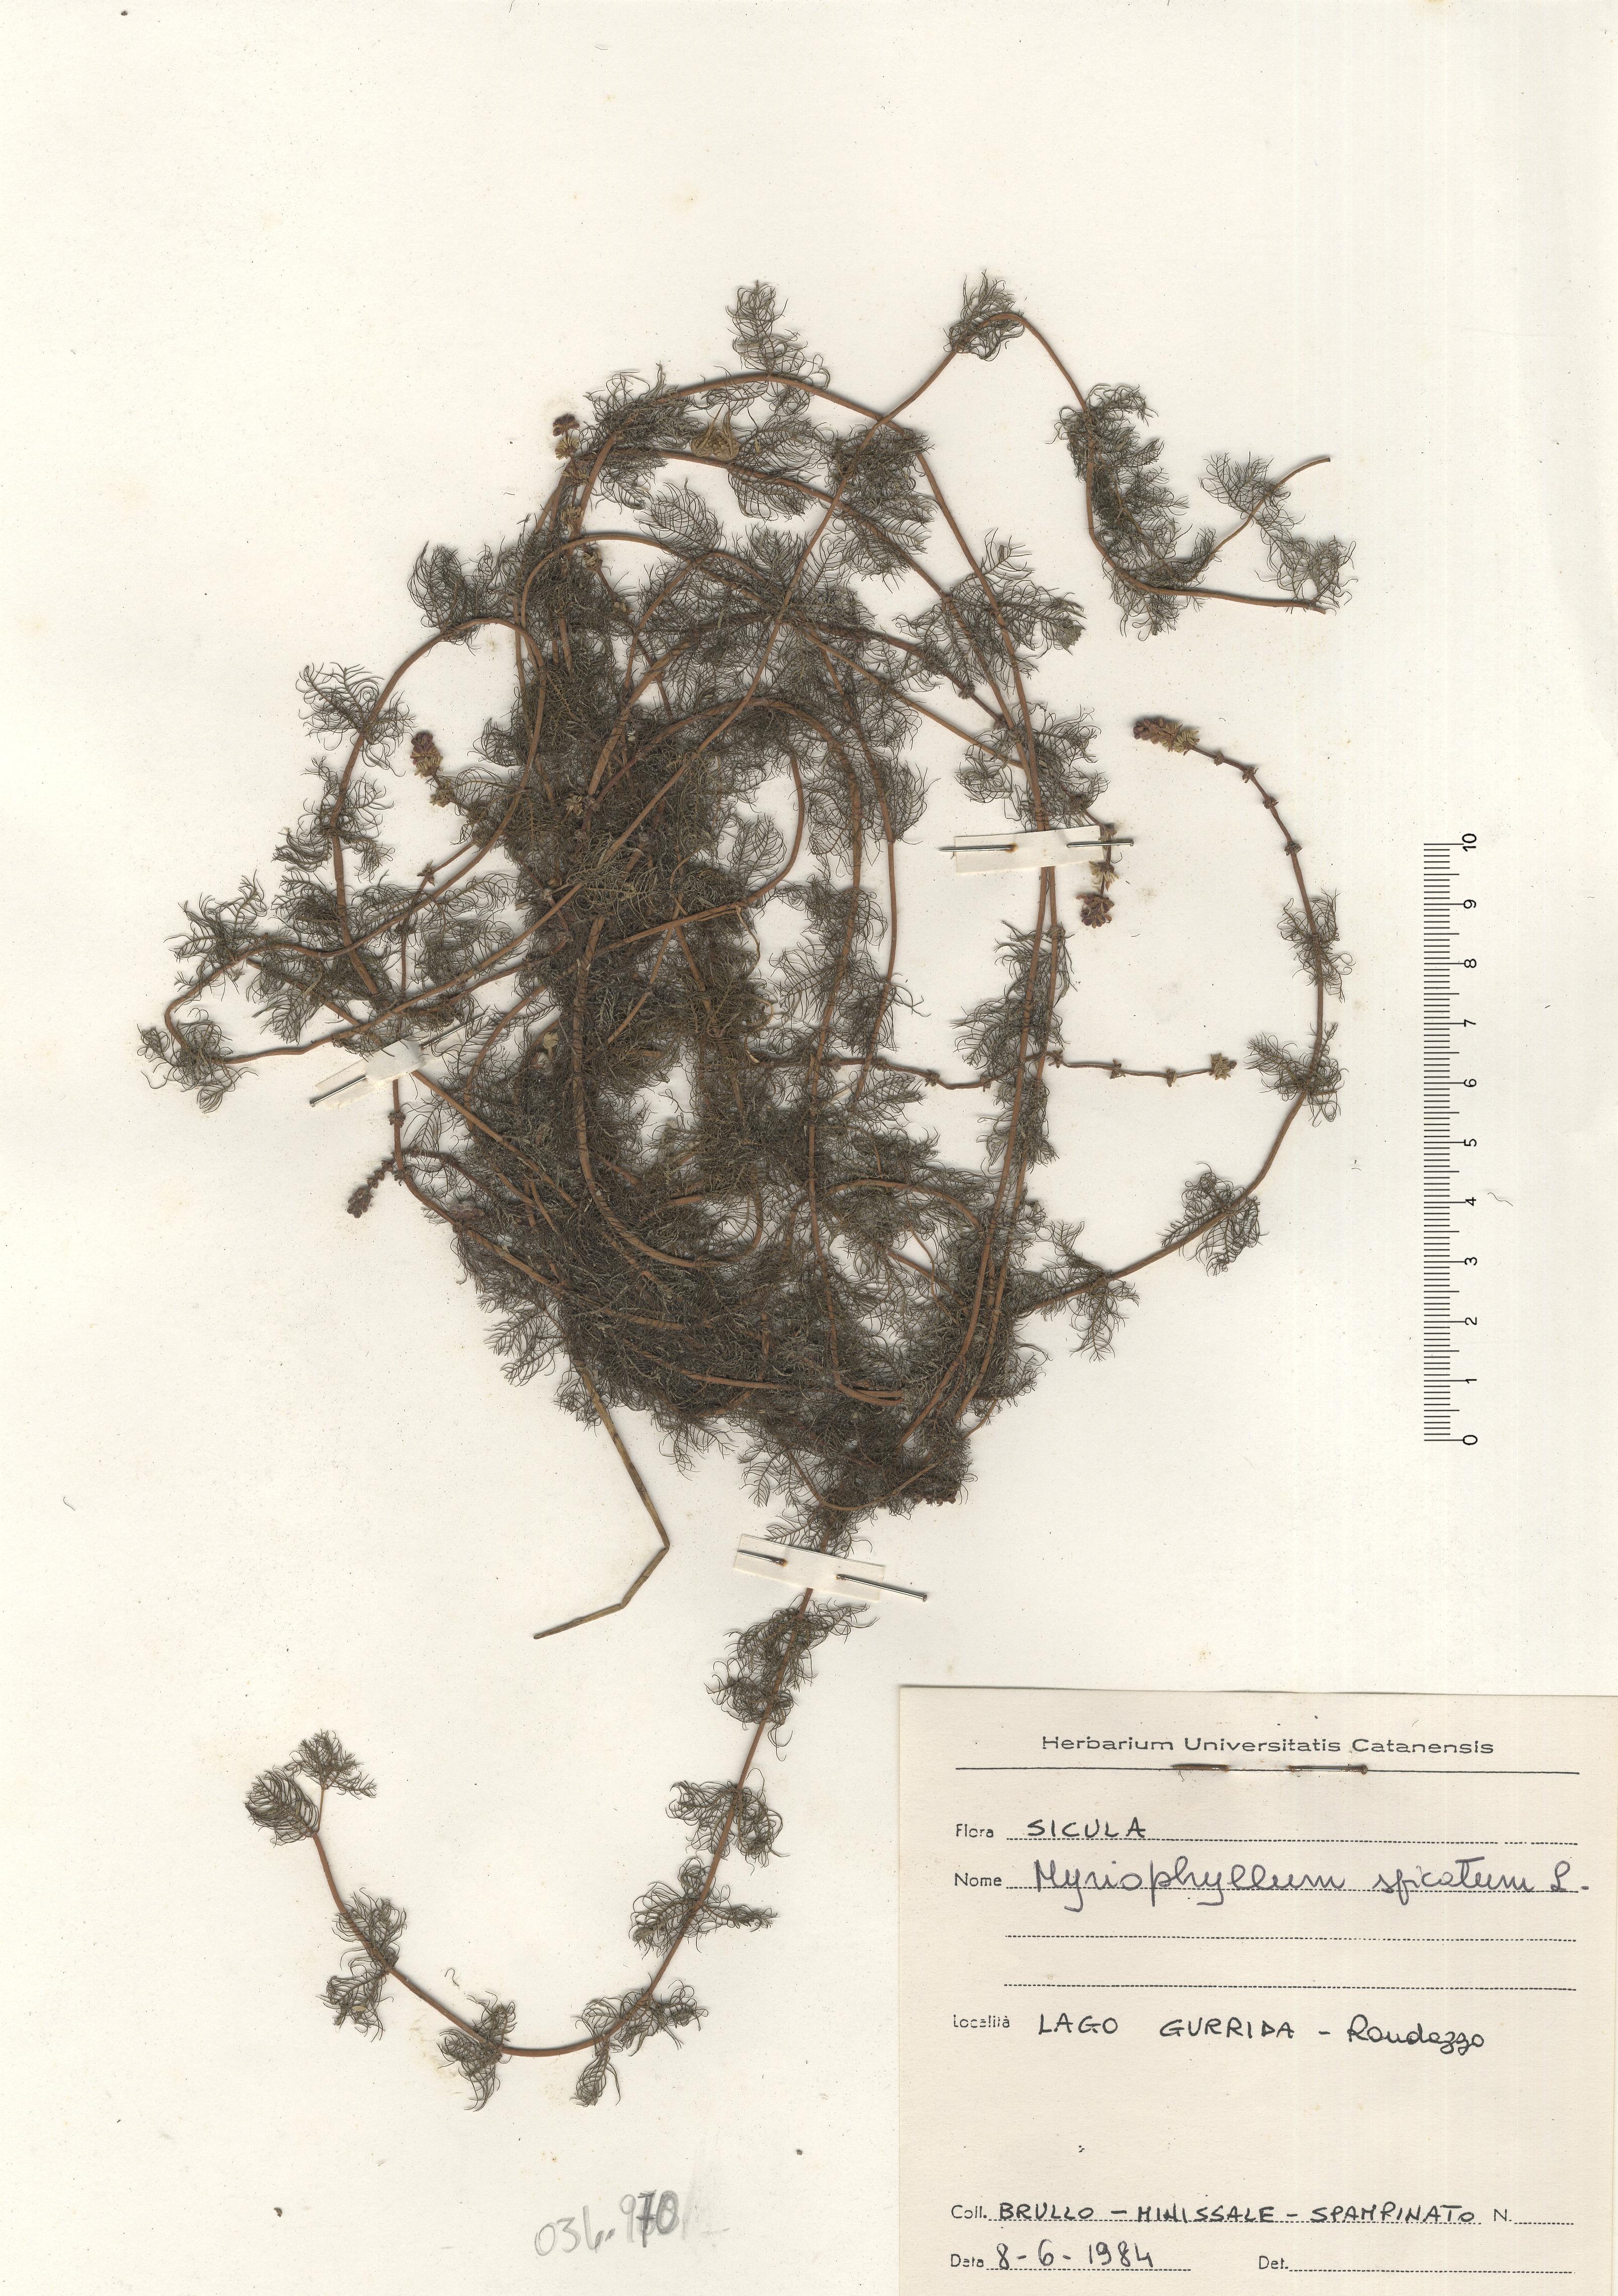 © Hortus Botanicus Catinensis - Herb. sheet 034970<br>